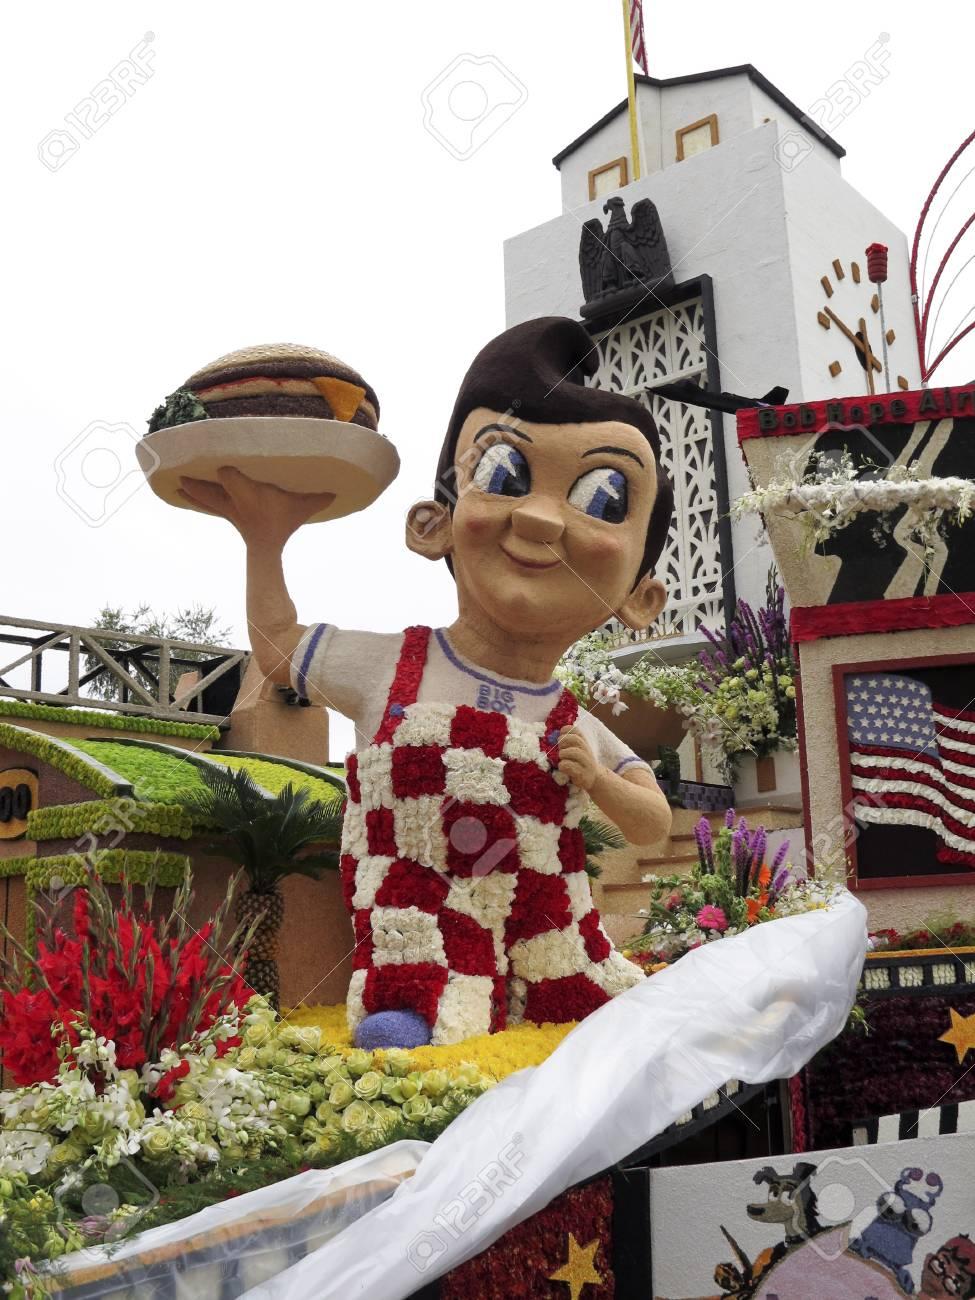 PASADENA, CA - JANUARY 1: The City of Burbank 2011 Rose Bowl Parade float  Stock Photo - 8532977